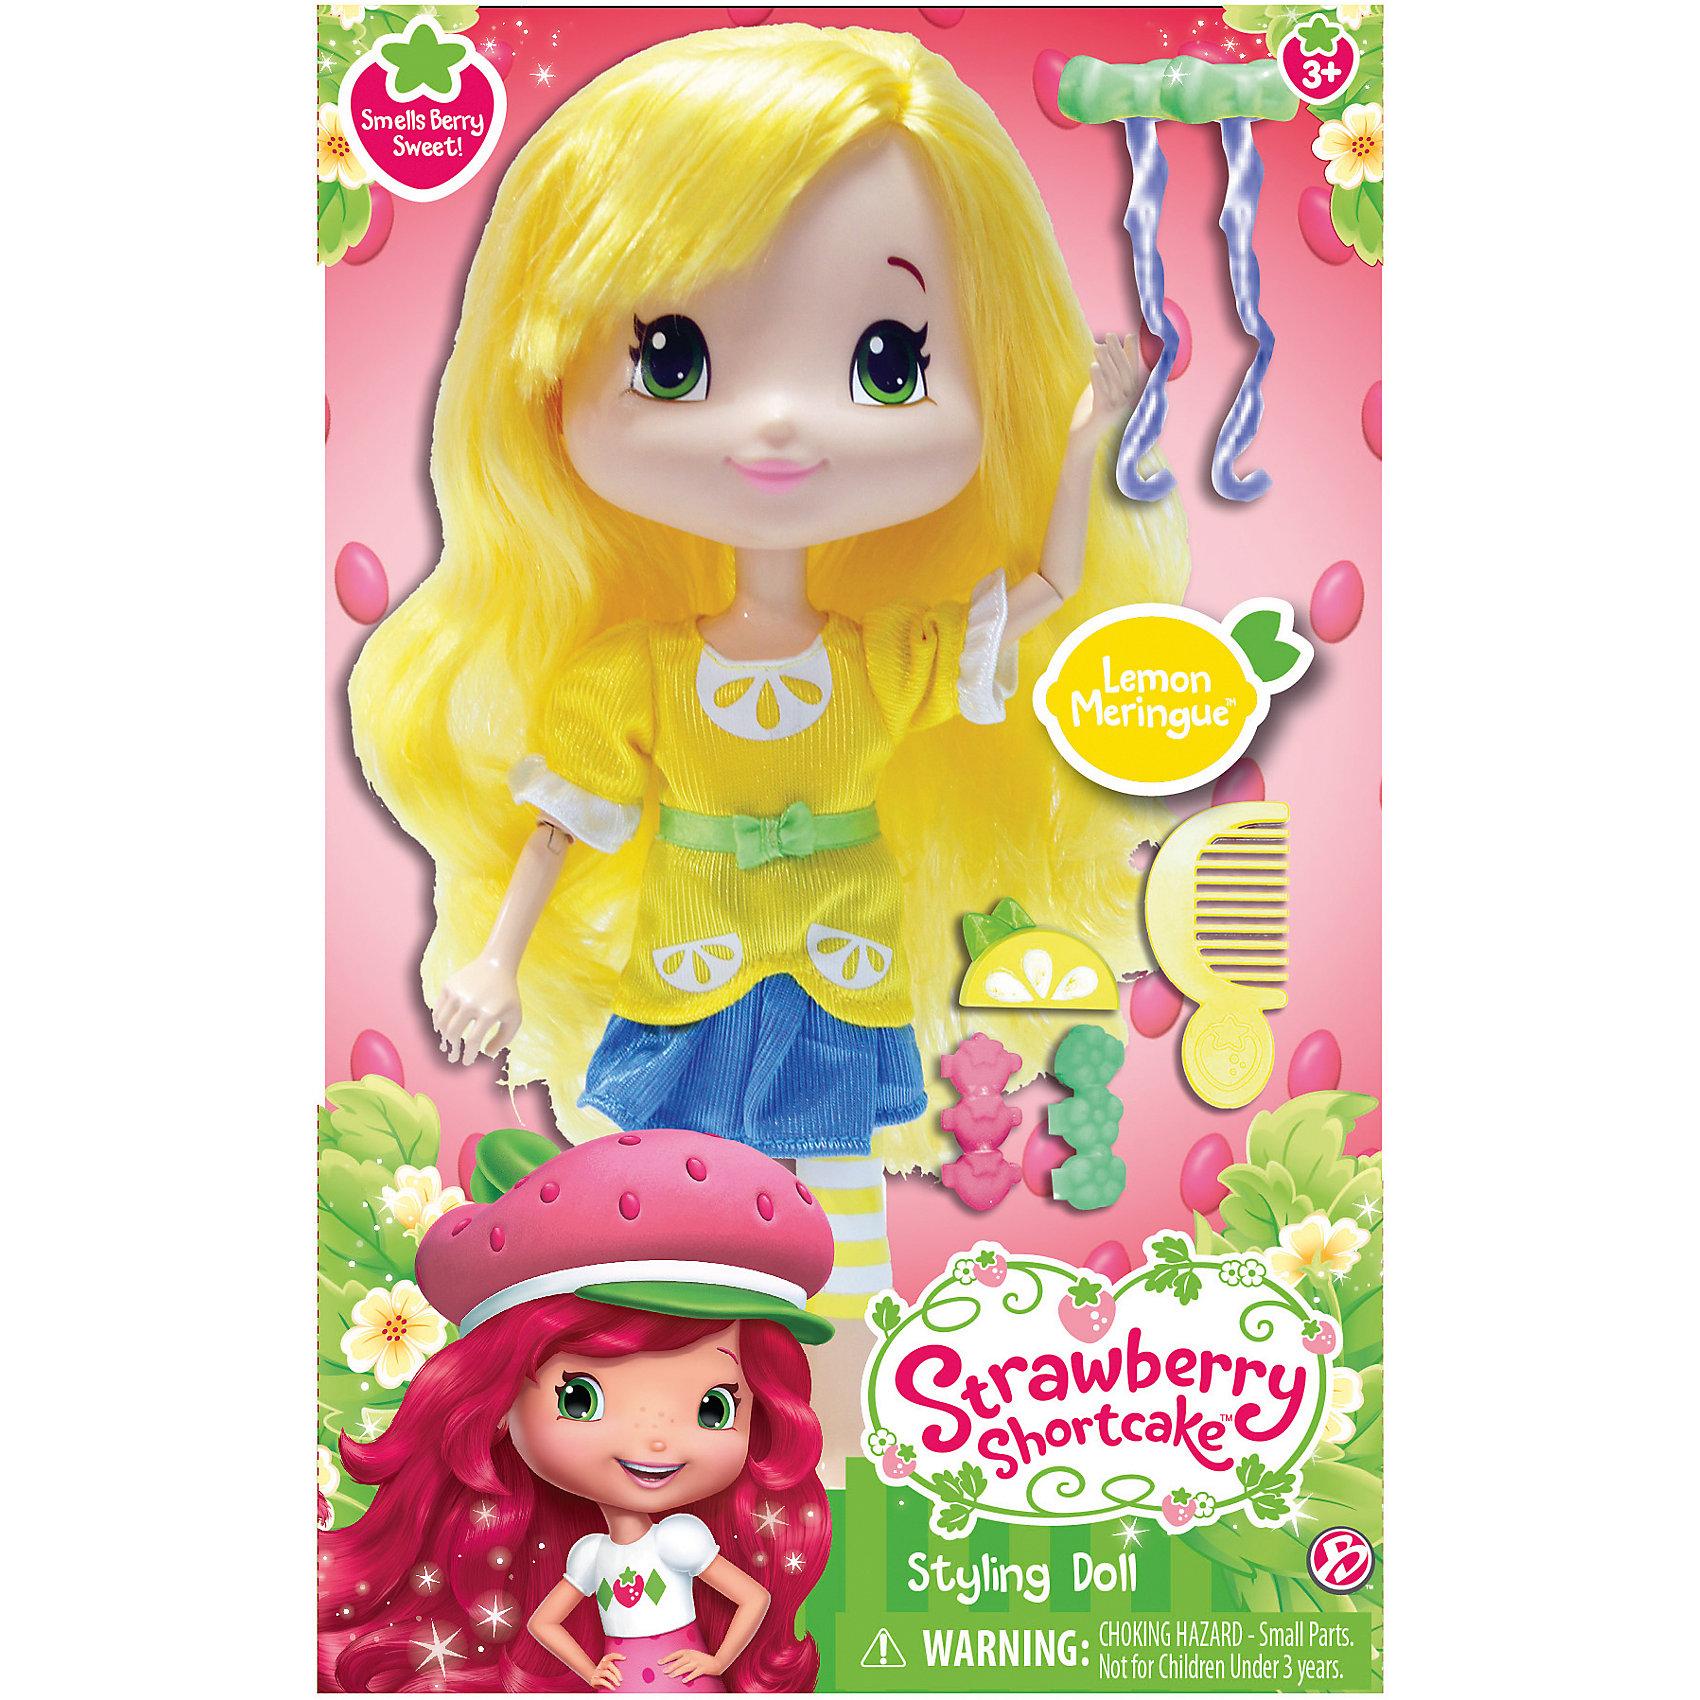 Кукла Лимона для моделирования причесок, 28 см, Шарлотта Земляничка, The BridgeМилая кукла Лимона обязательно понравится Вашей девочке! У куколки красивые длинные волосы, из которые можно сделать самые разнообразные прически!<br><br>В наборе:  кукла Лимона, расческа, 2 заколки, 2 пряди волос, украшение. <br><br>Дополнительная информация:<br><br>- Возраст: от 3 лет.<br>- Материал: пластик, текстиль.<br>- Размер куклы: 28 см.<br>- Размер упаковки: 19х9х30 см.<br><br>Купить куклу Лимона для моделирования причесок, можно в нашем магазине.<br><br>Ширина мм: 200<br>Глубина мм: 100<br>Высота мм: 310<br>Вес г: 620<br>Возраст от месяцев: 36<br>Возраст до месяцев: 120<br>Пол: Женский<br>Возраст: Детский<br>SKU: 4929083